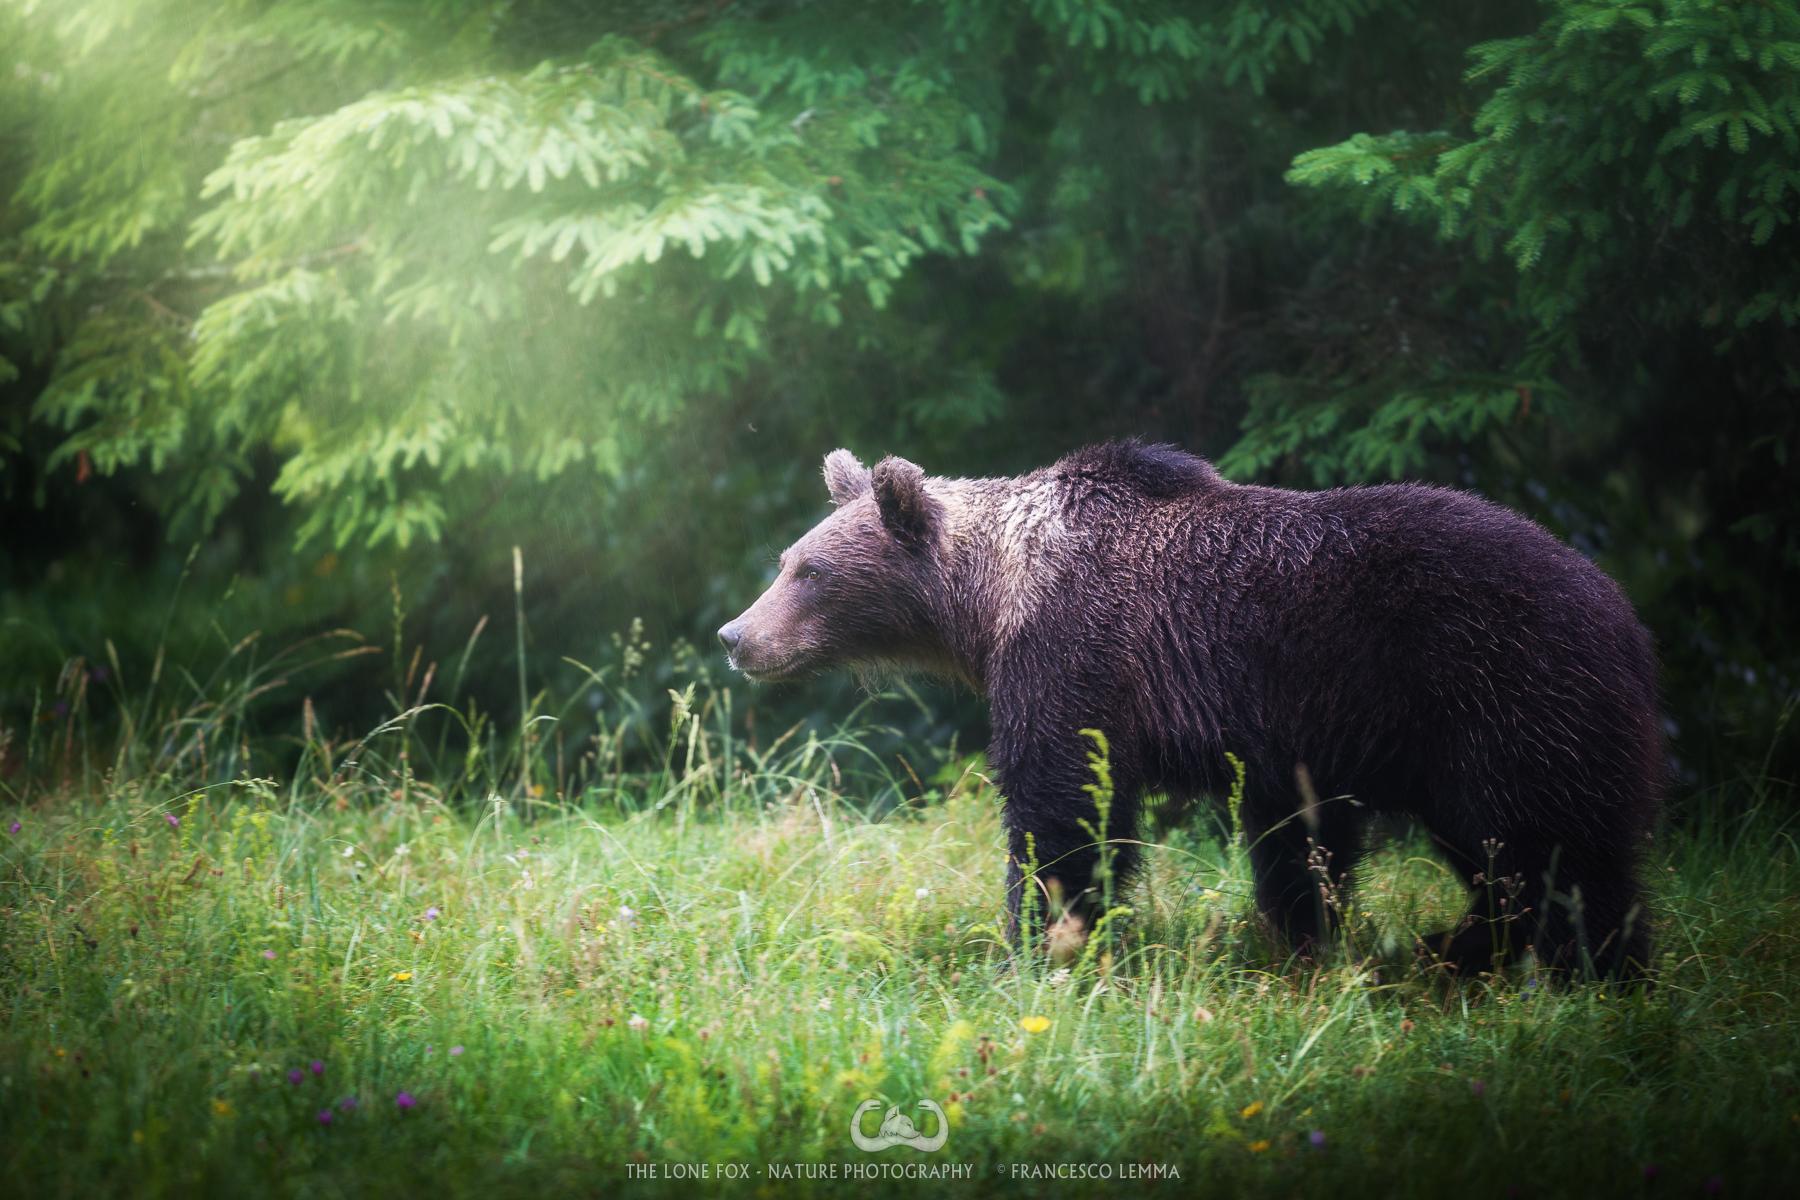 The bear arrives in the rain...